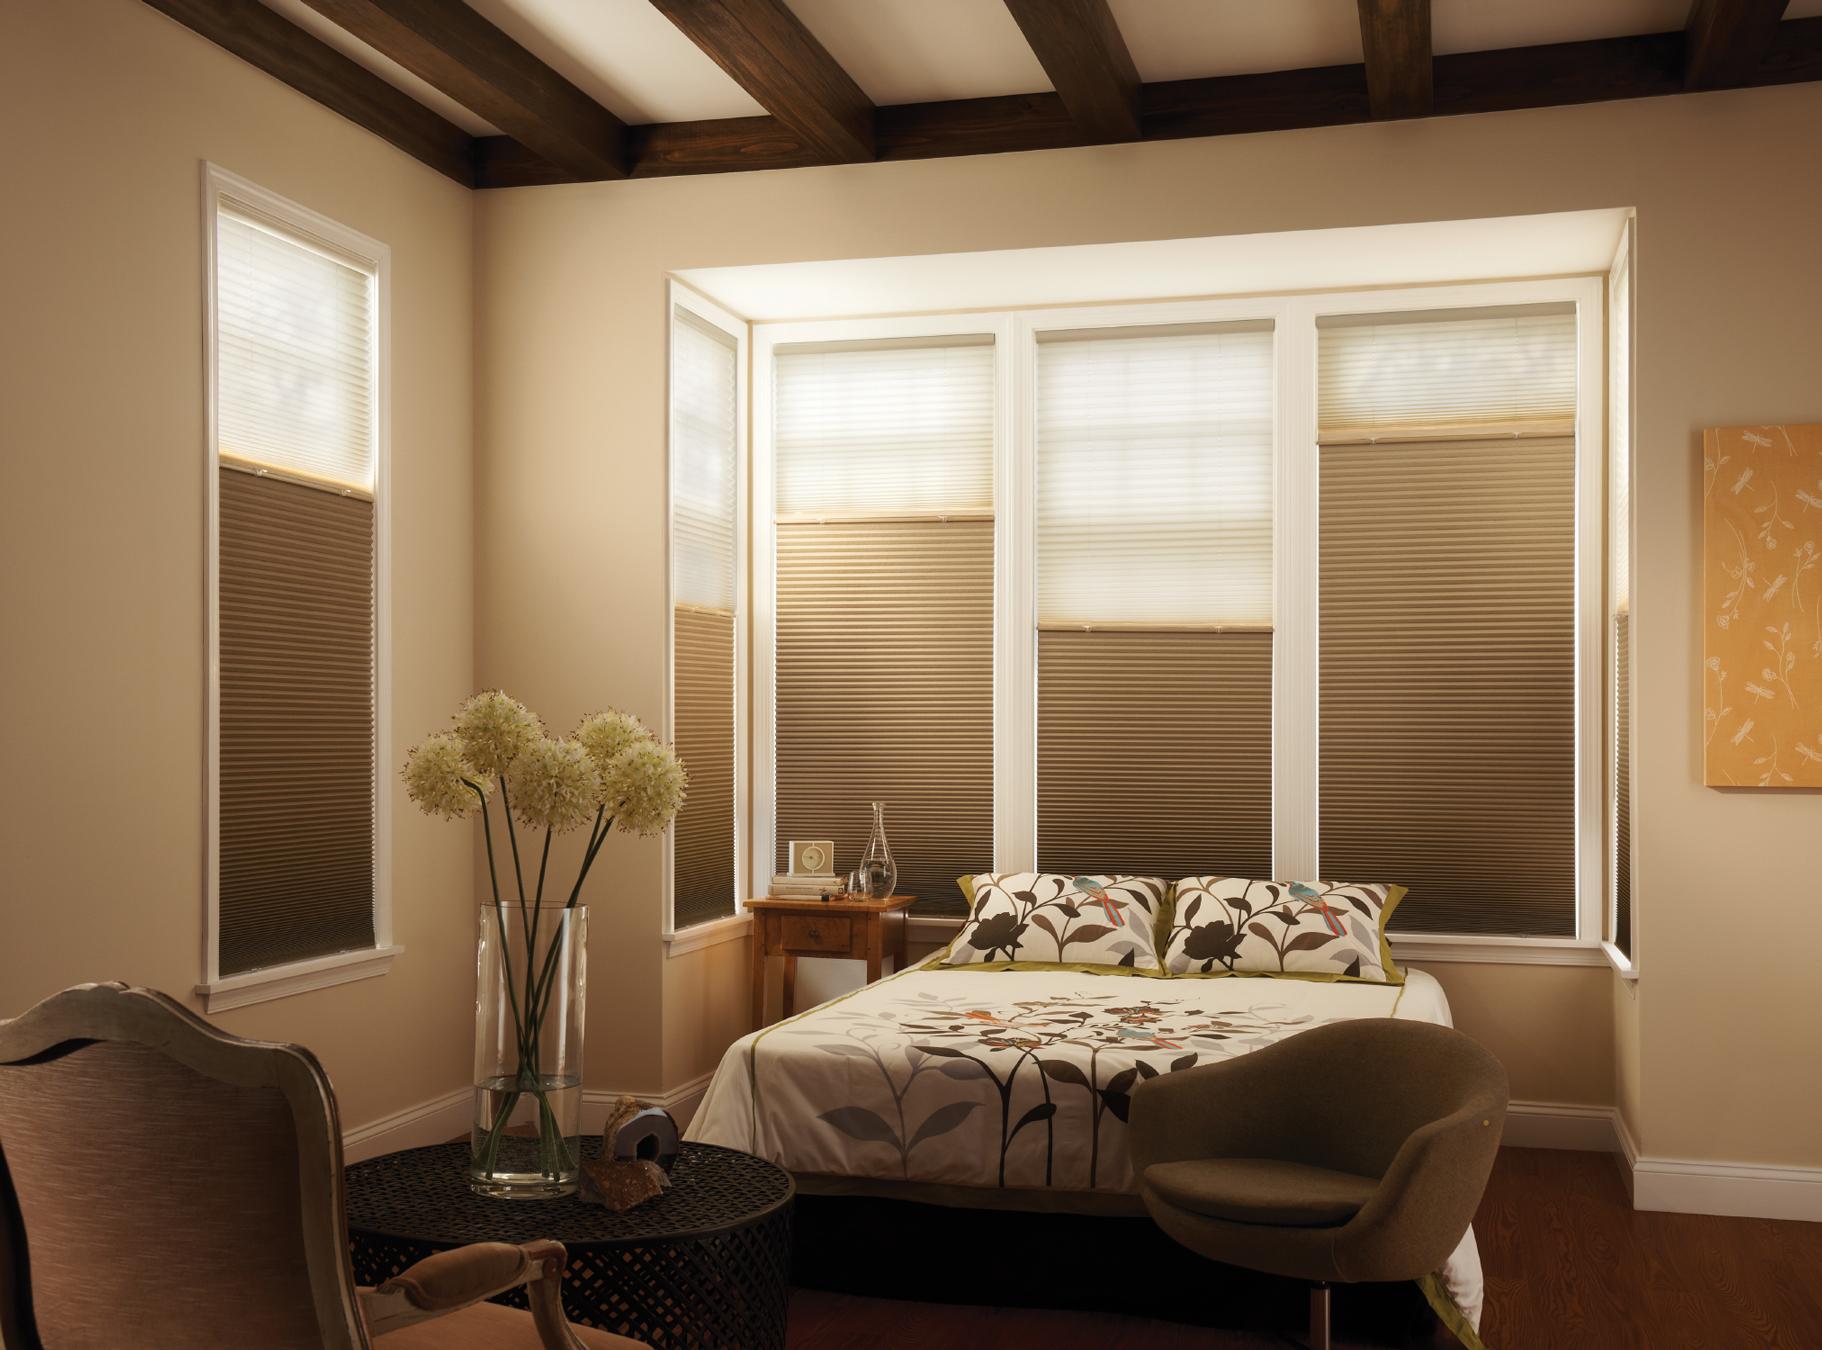 graber-window-treatments-productid-gcs0801_rn120511ca